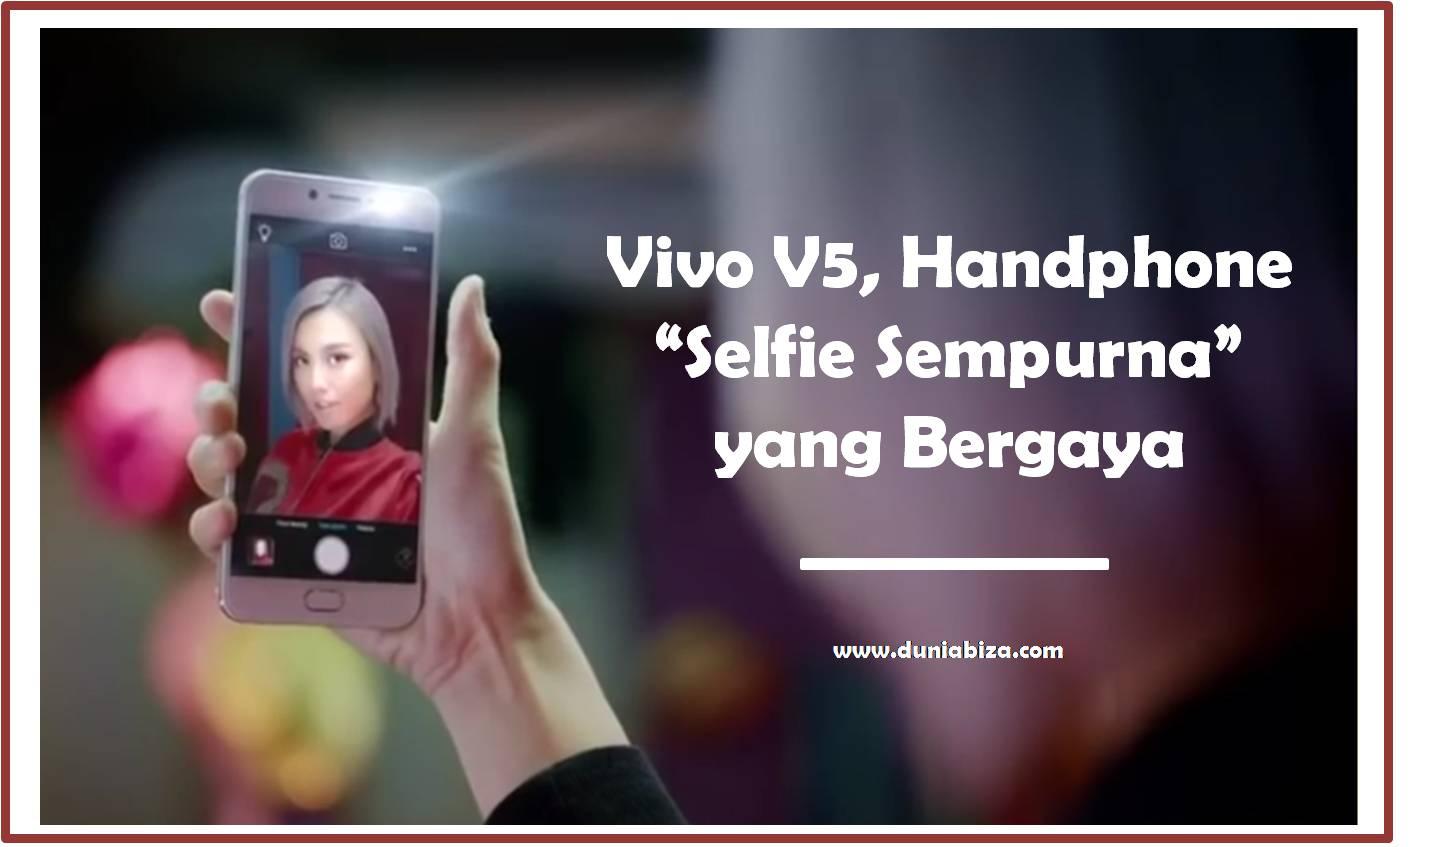 vivo-v5-selfie-sempurna